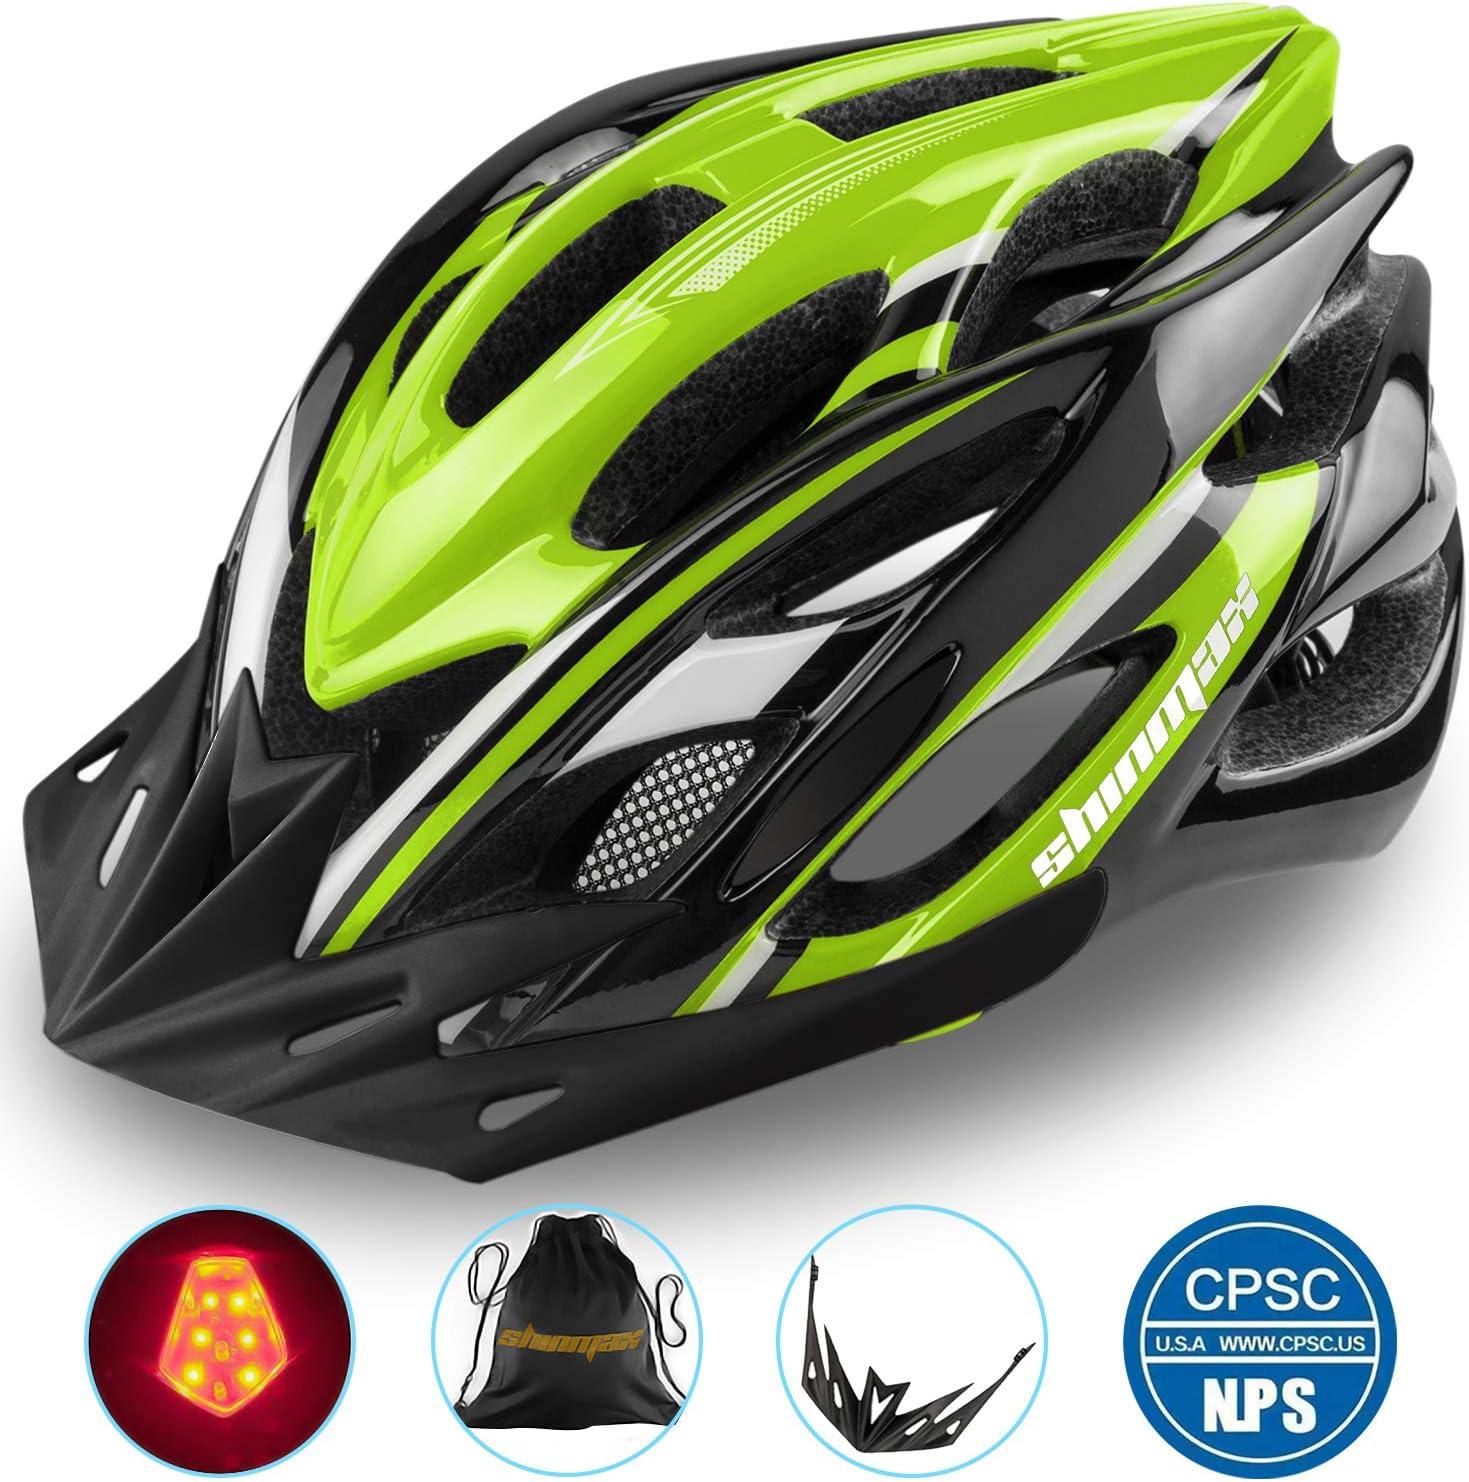 Shinmax Casco Bicicleta con Luz LED,Casco Bici de Ciclo Ajustable Deporte Cascos Bici Bicicleta Camino Mountain Biking Motocicleta Hombres Mujeres Adultos Casco